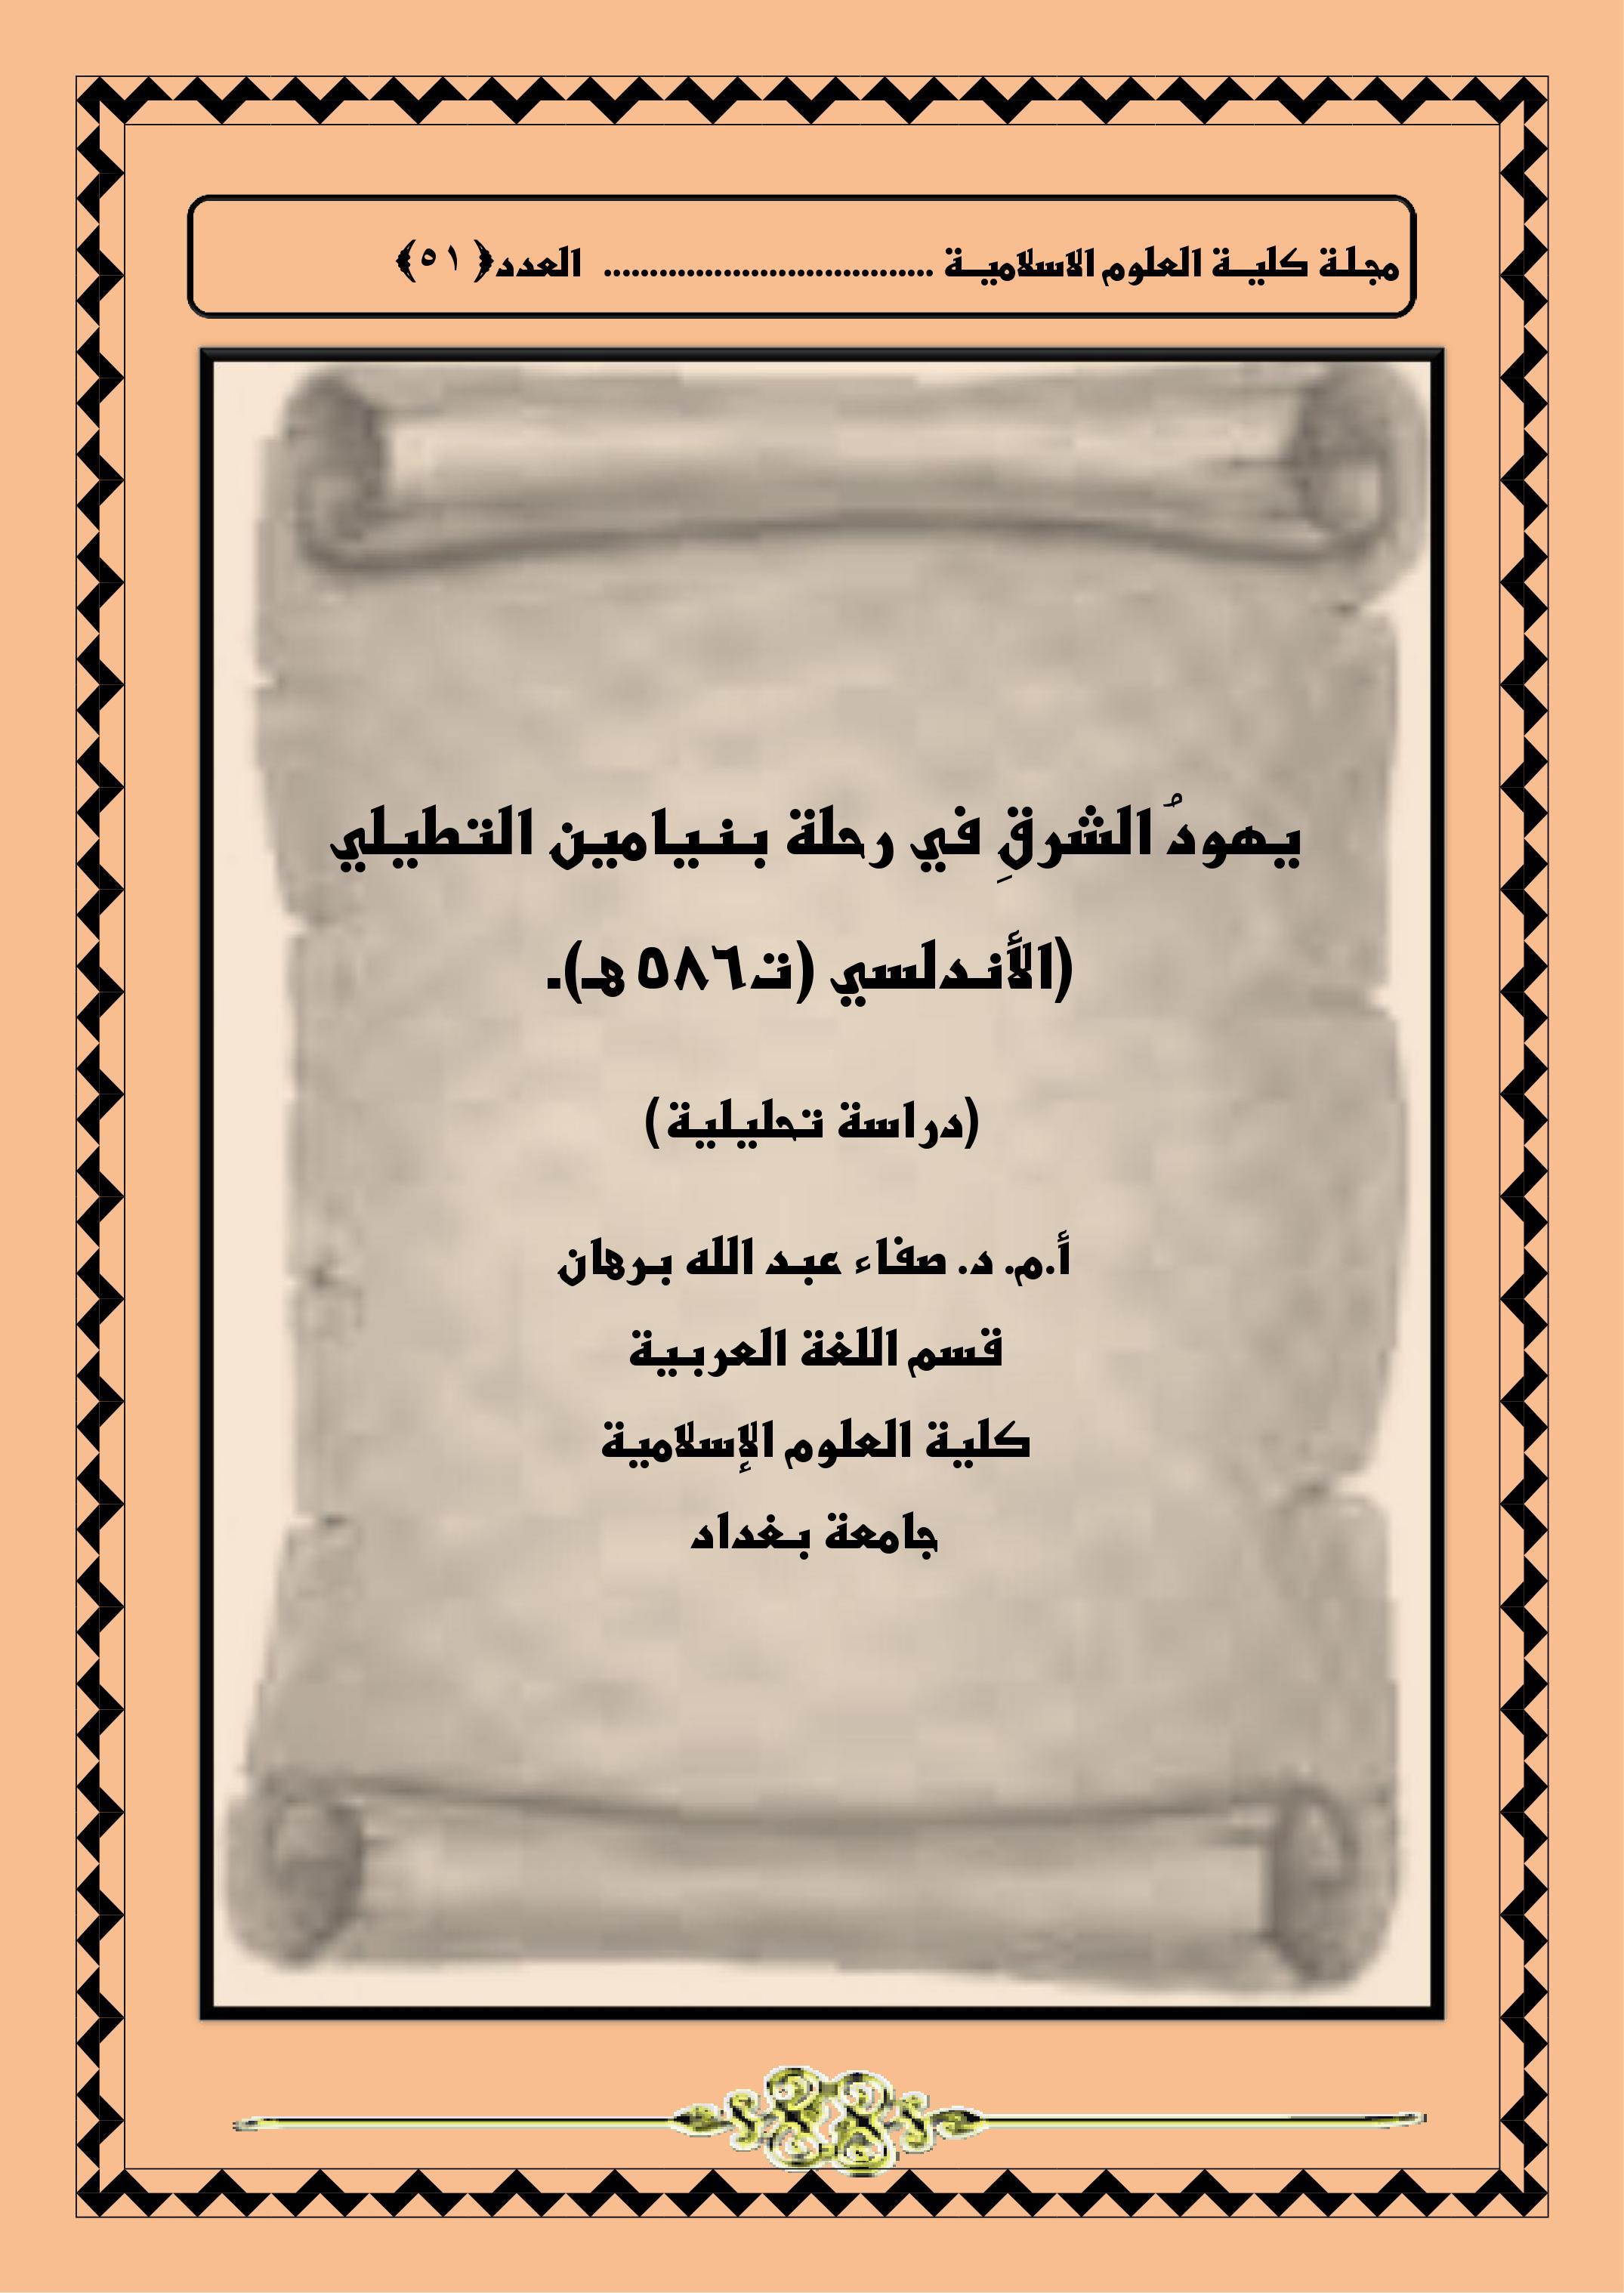 يهودُ الشرقِ في رحلة بنيامين التطيلي الأندلسي (ت586 هـ)(دراسة تحليلية)